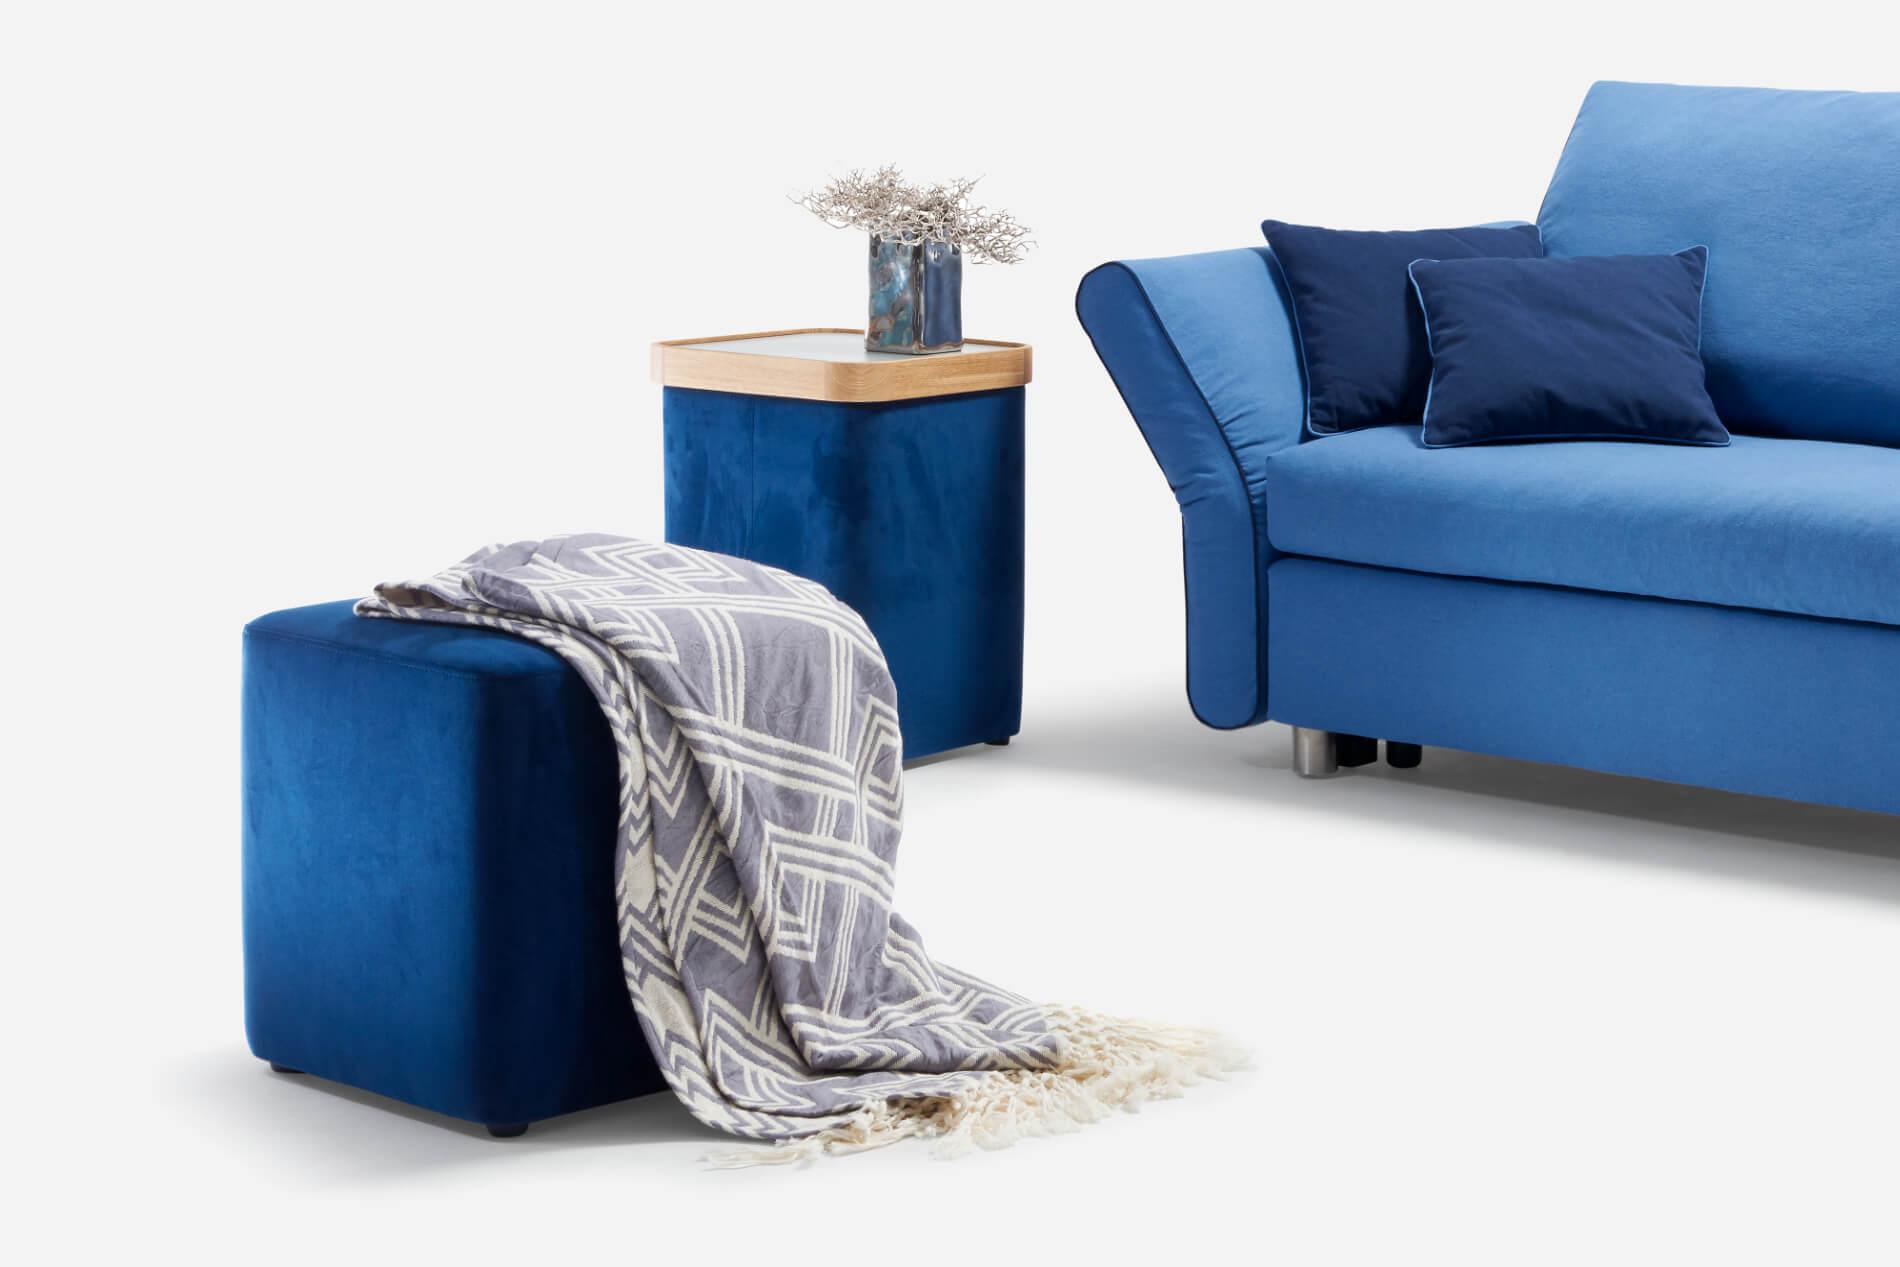 hocker bono von signet bequemer hocker und praktischer tisch. Black Bedroom Furniture Sets. Home Design Ideas